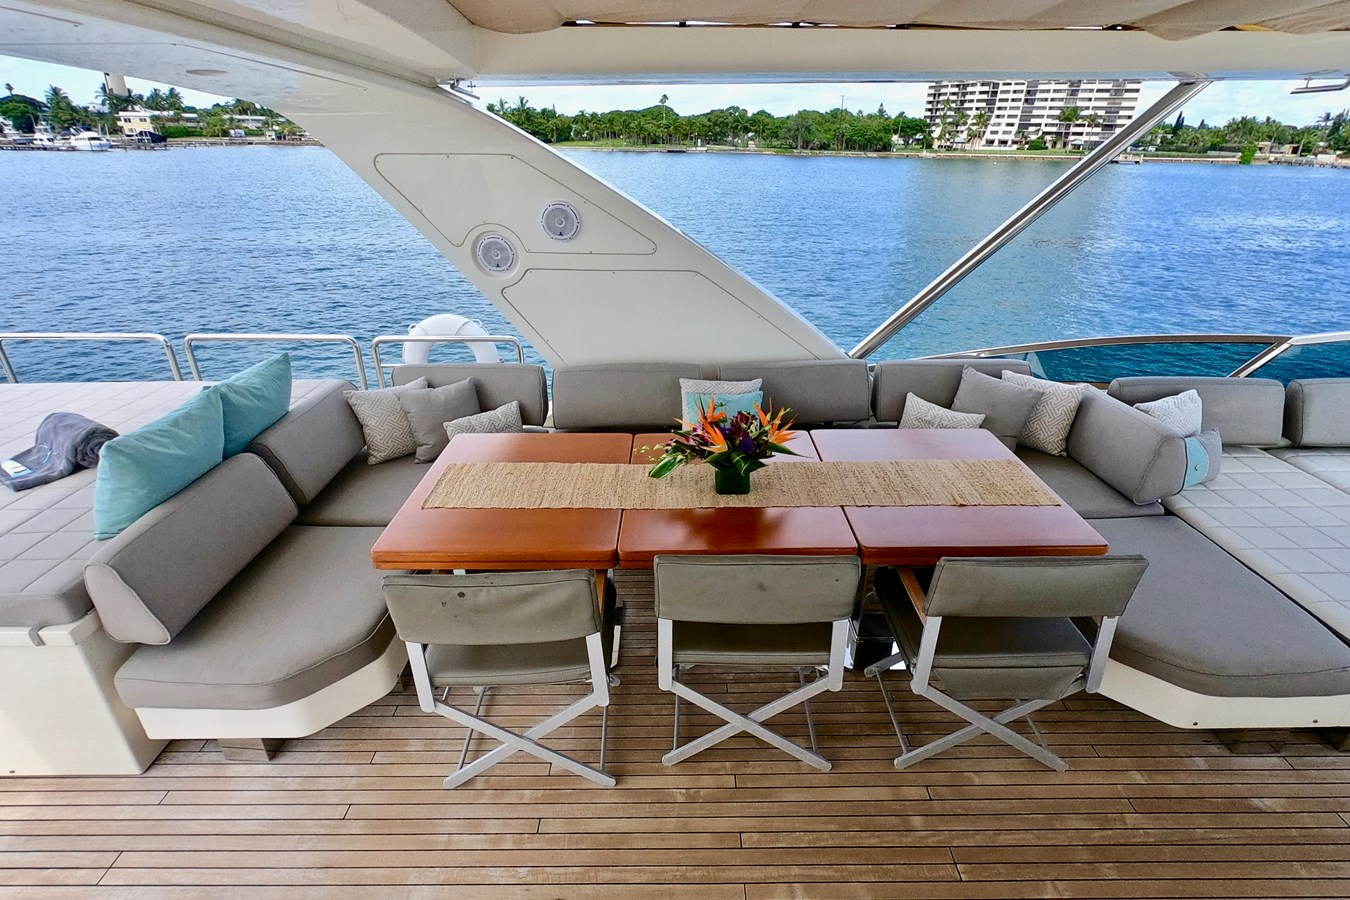 2009 85 Azimut Flybridge - Upper Dining and Lounge (2) 2009 AZIMUT 85 Flybridge Motor Yacht 2649824